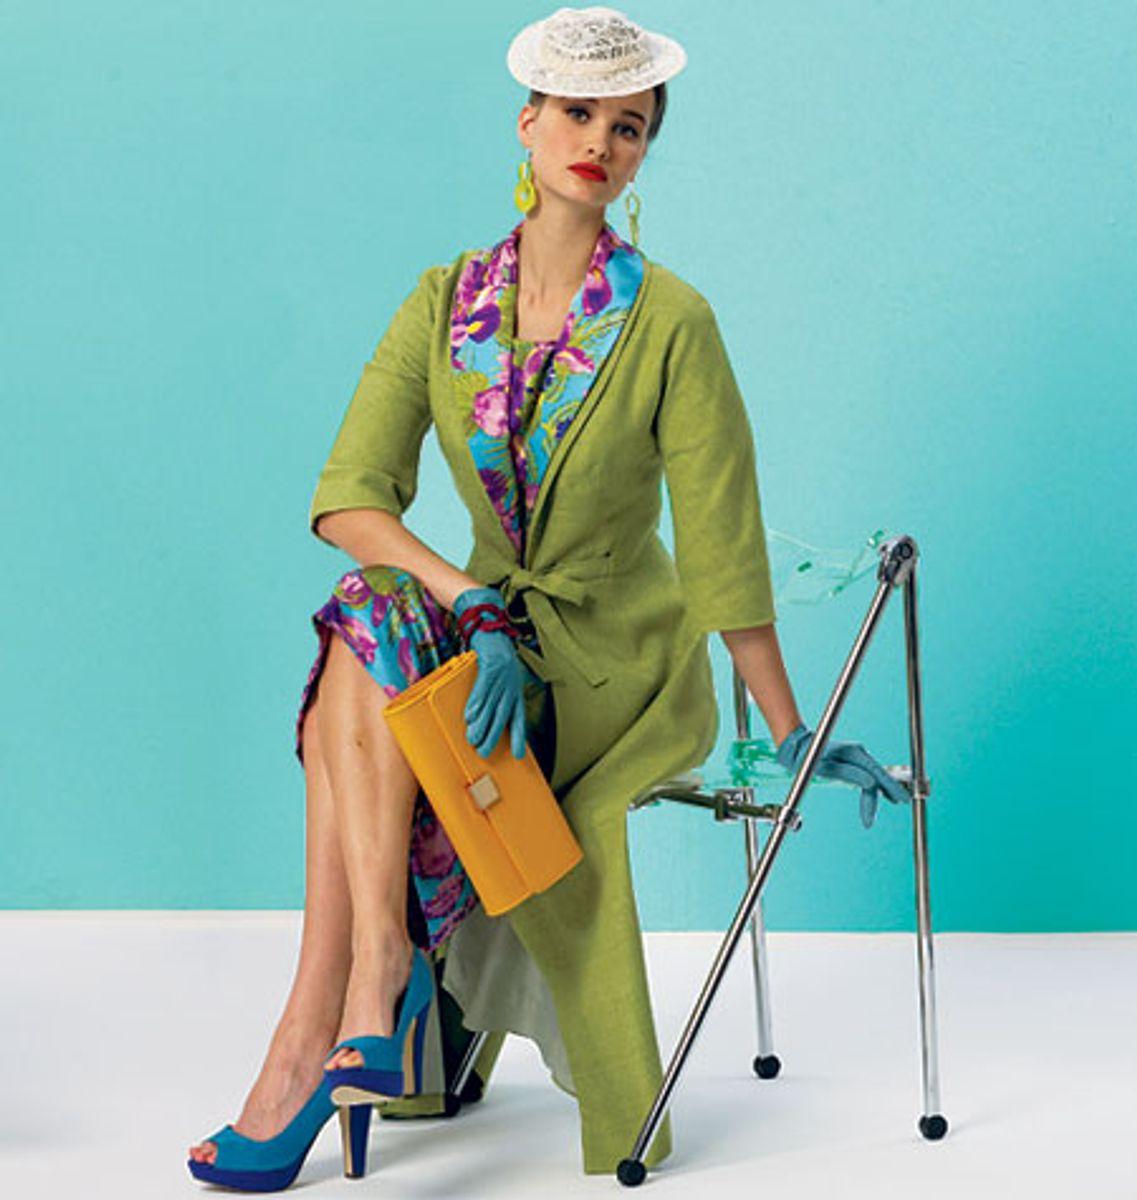 Patron de robe, ceinture, manteau et col amovible - Vogue 8875